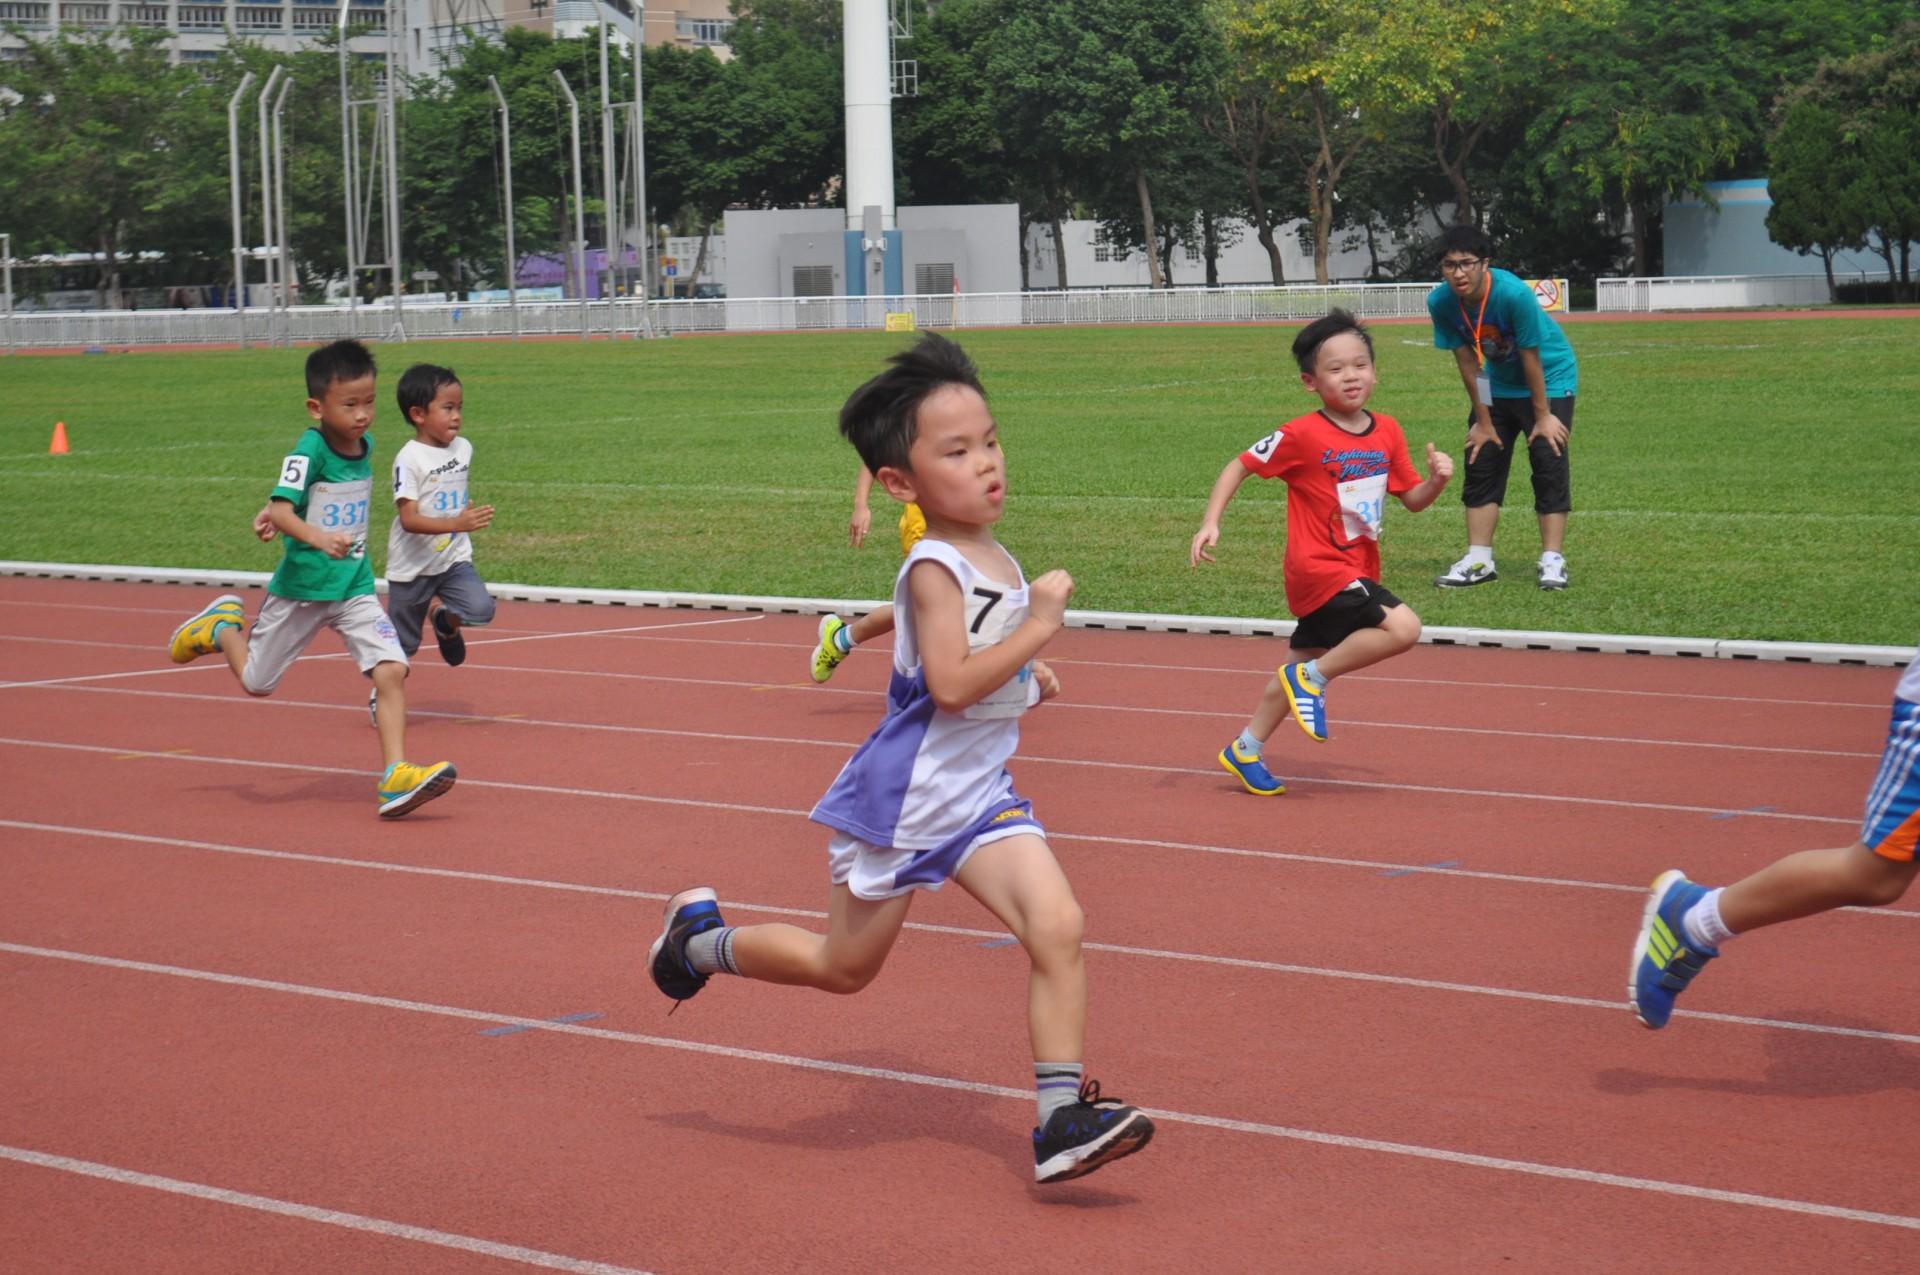 第九屆香港兒童奧林匹克田徑錦標賽2017   Athkids Sports Association